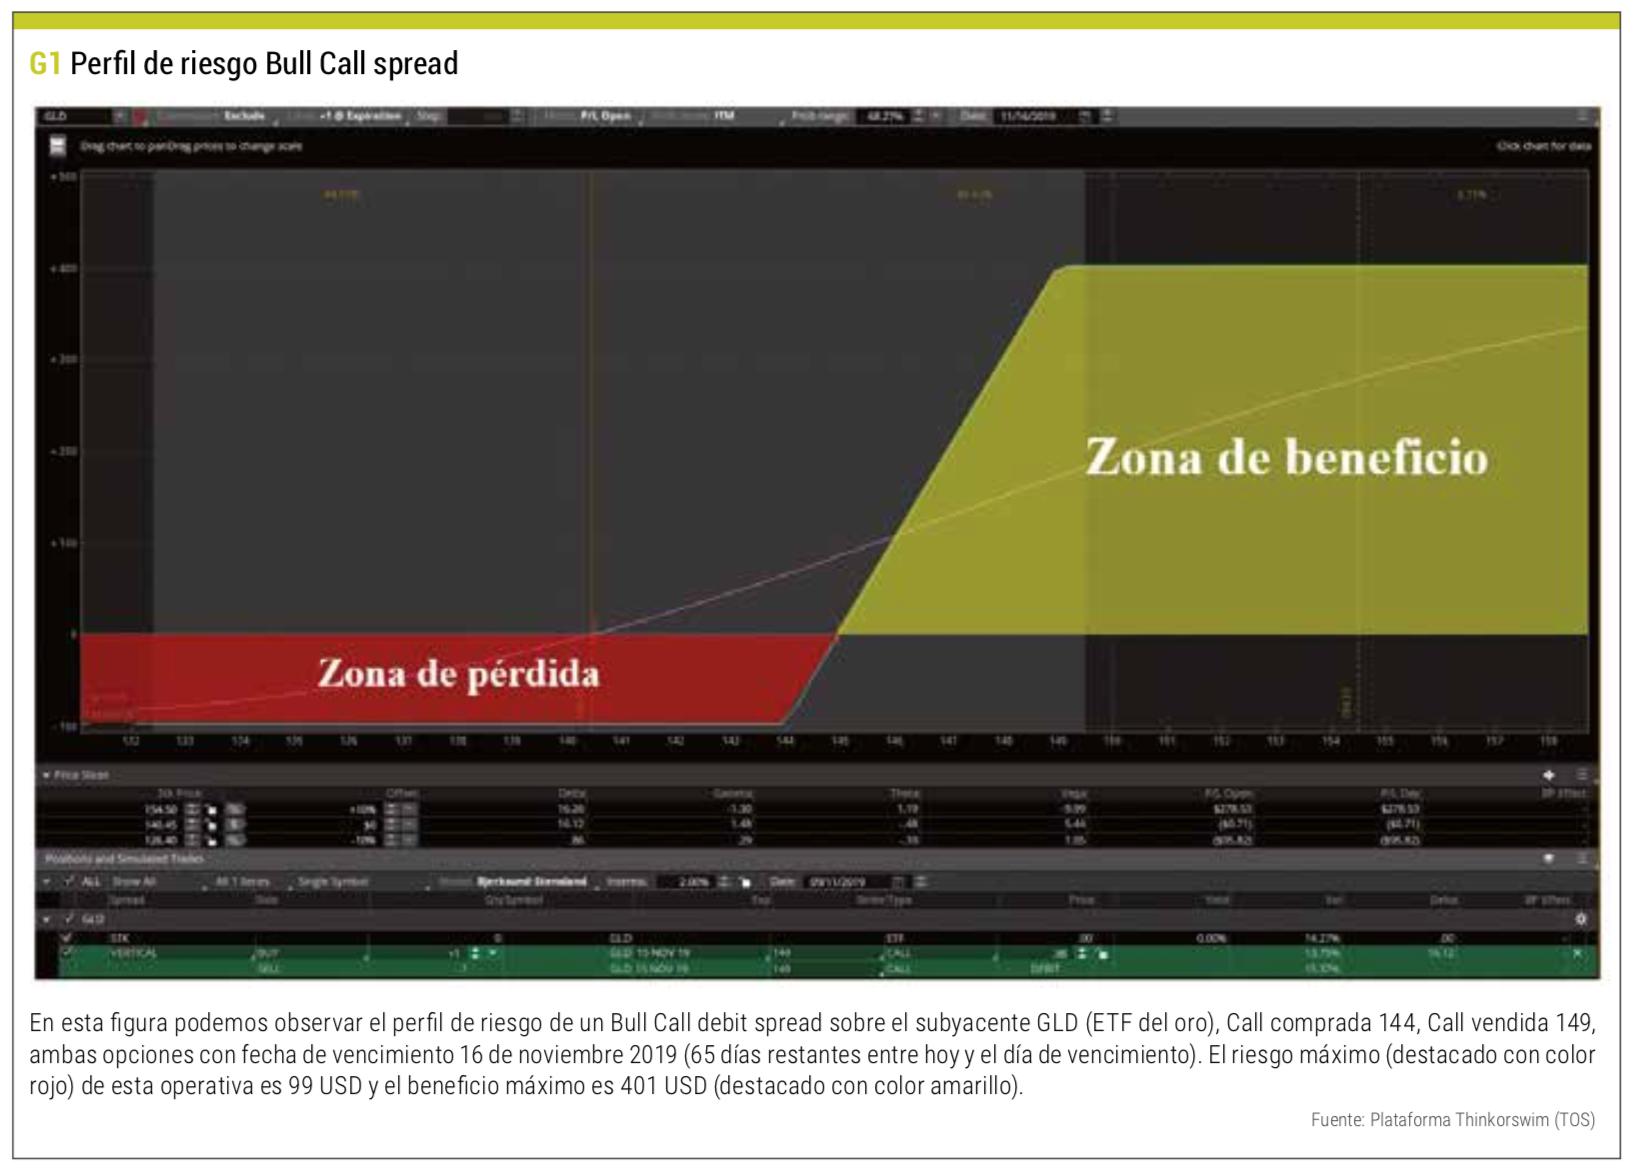 riesgo bull spread